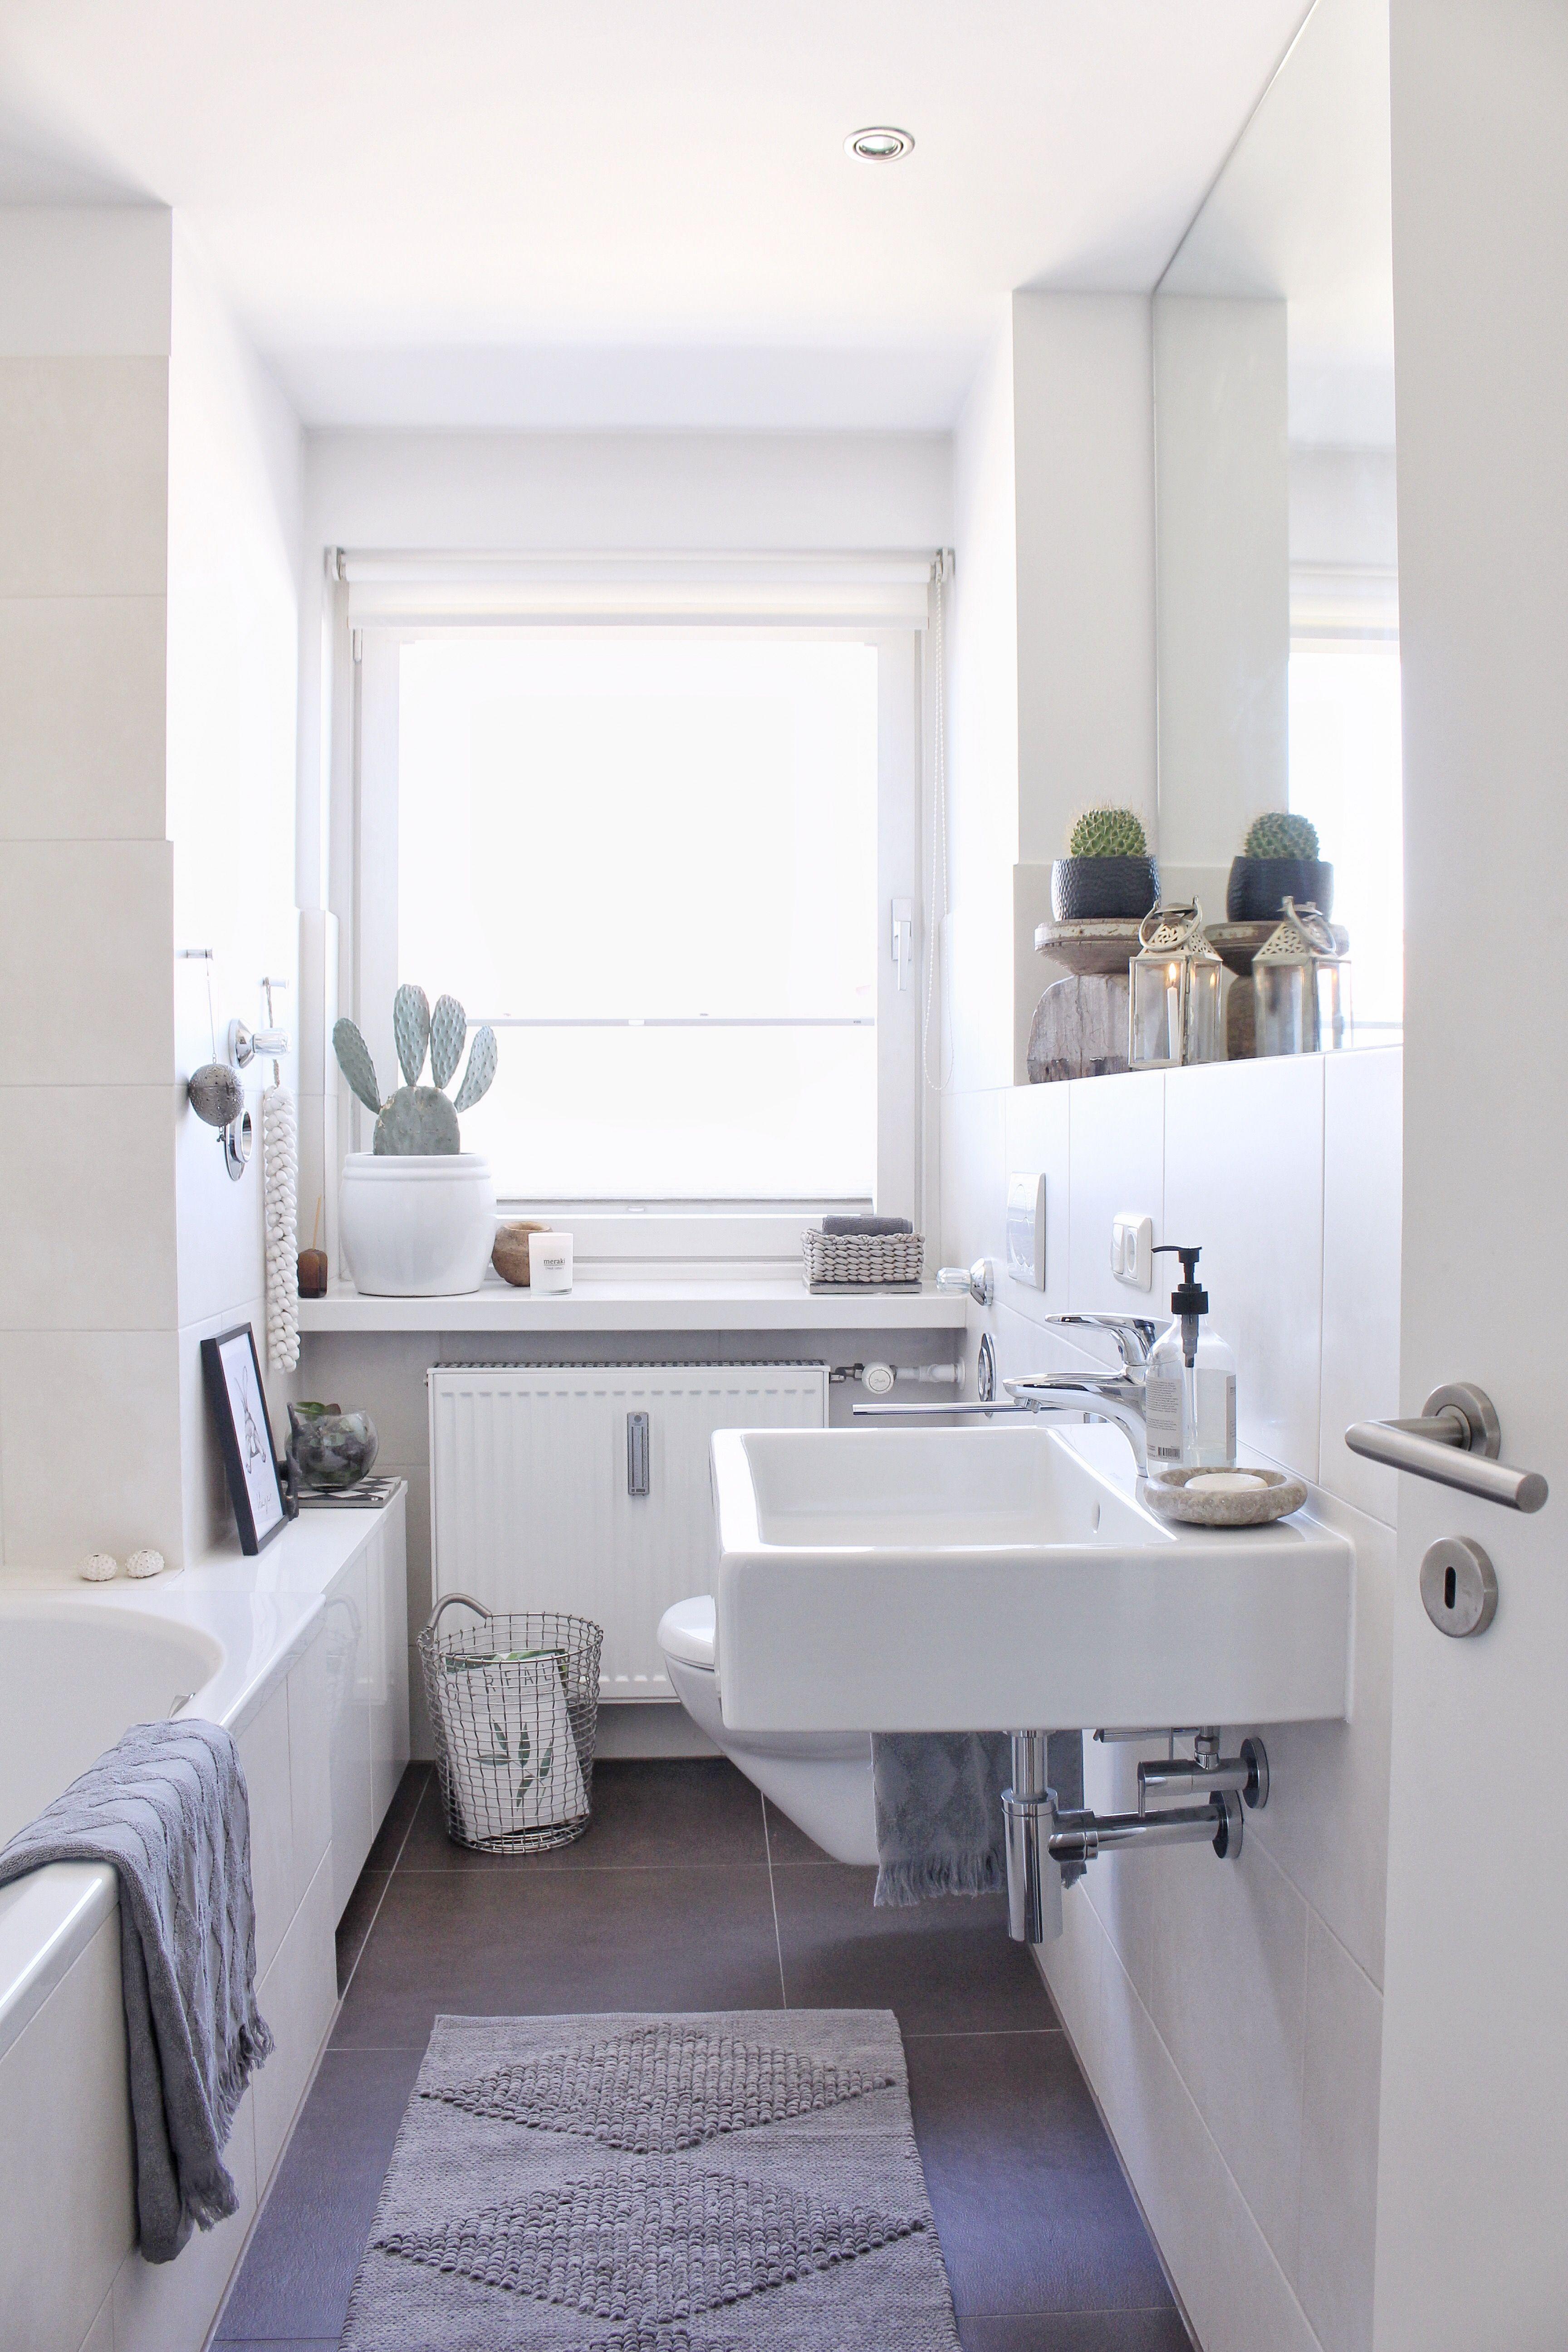 Bad Gestalten Wohnlich Mit Charme Connox Magazine Kleines Bad Gestalten Kleines Bad Mit Dusche Kleines Bad Badewanne